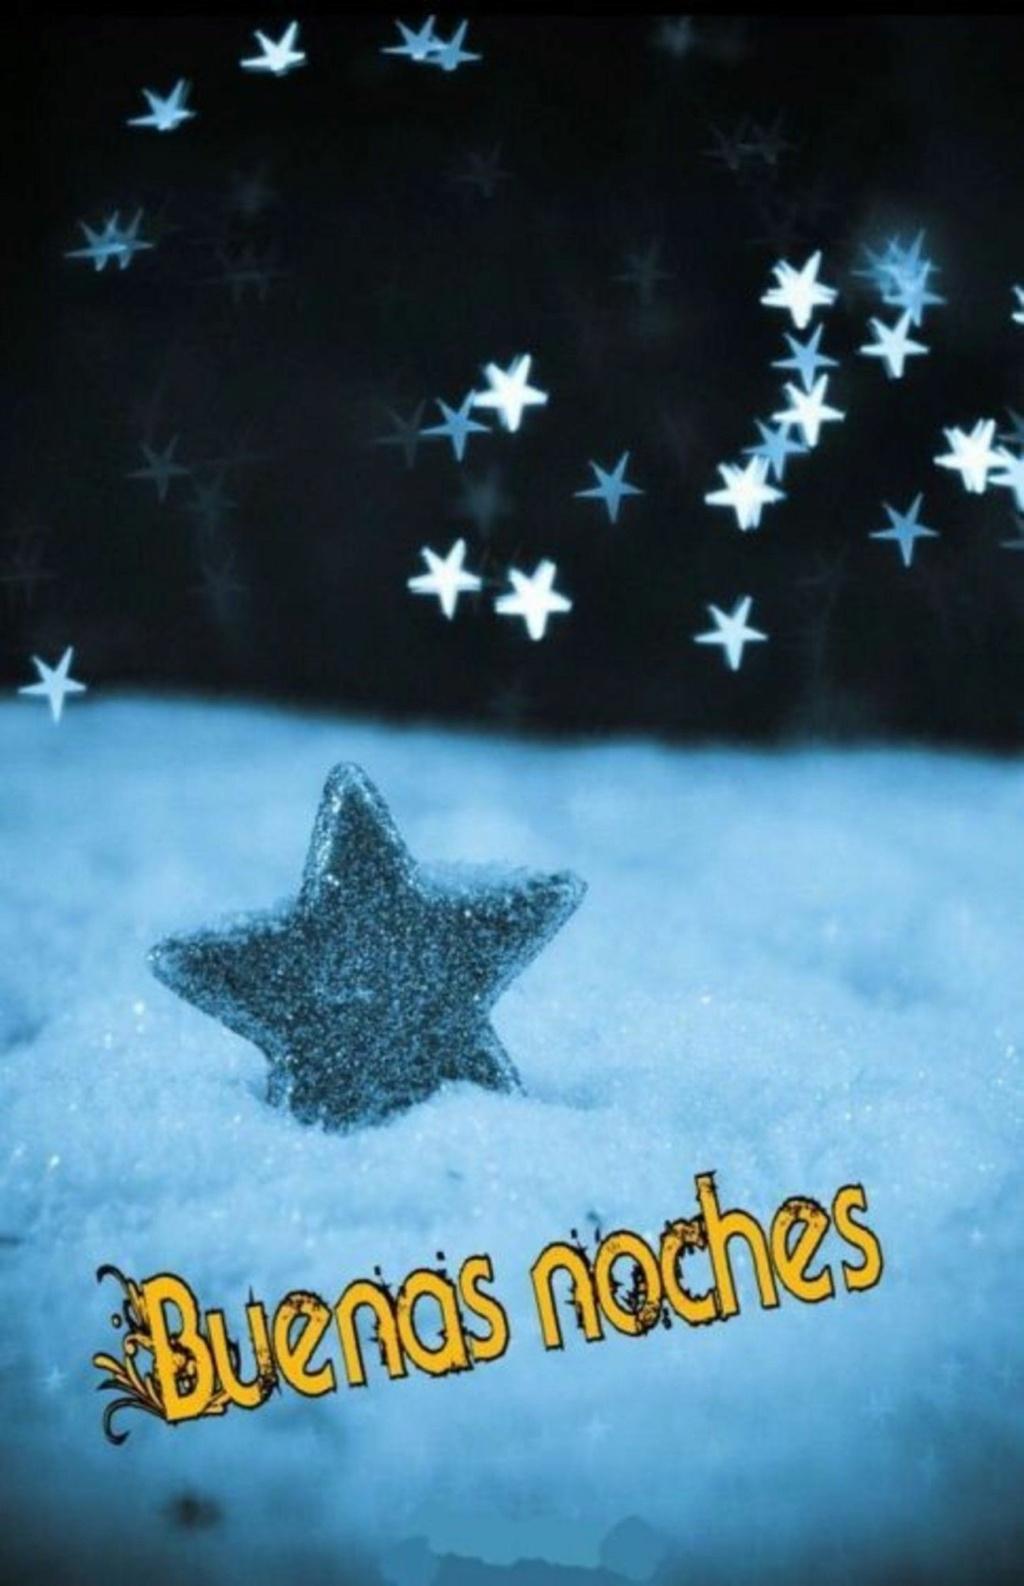 Hilo para dar las buenas noches  - Página 4 Df263010